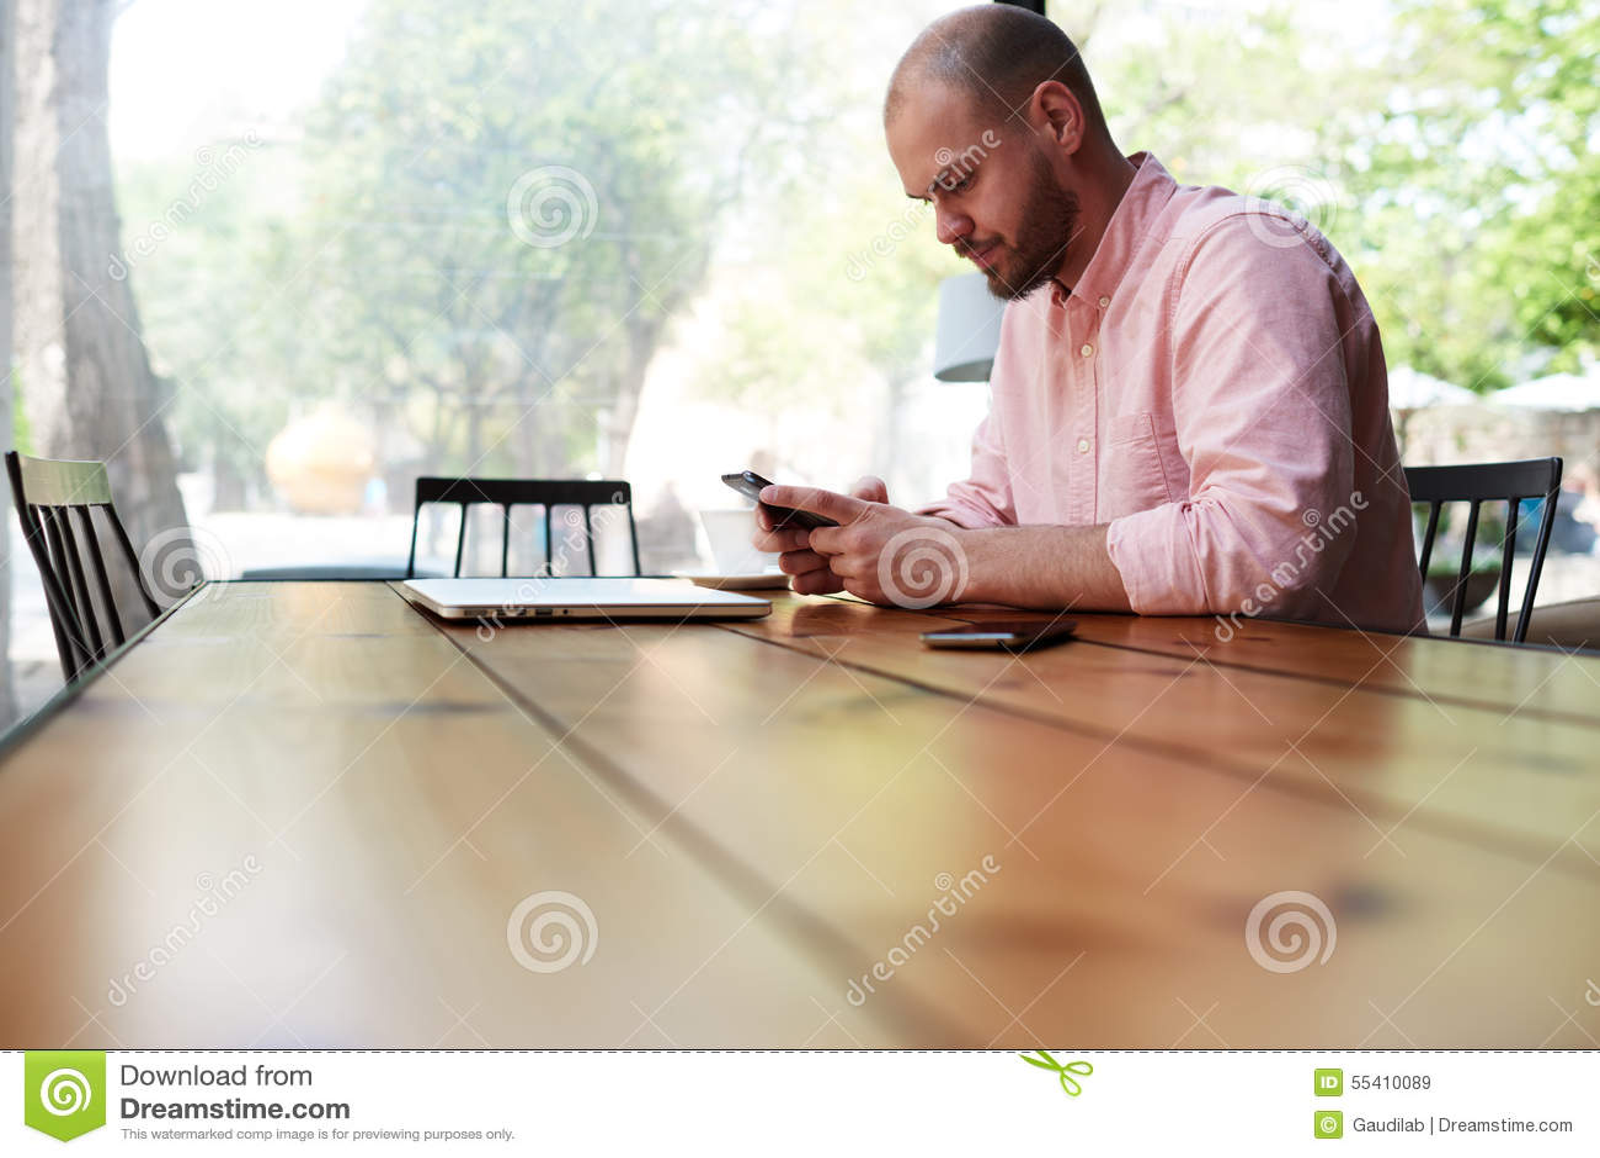 Wooden Office Large Desk